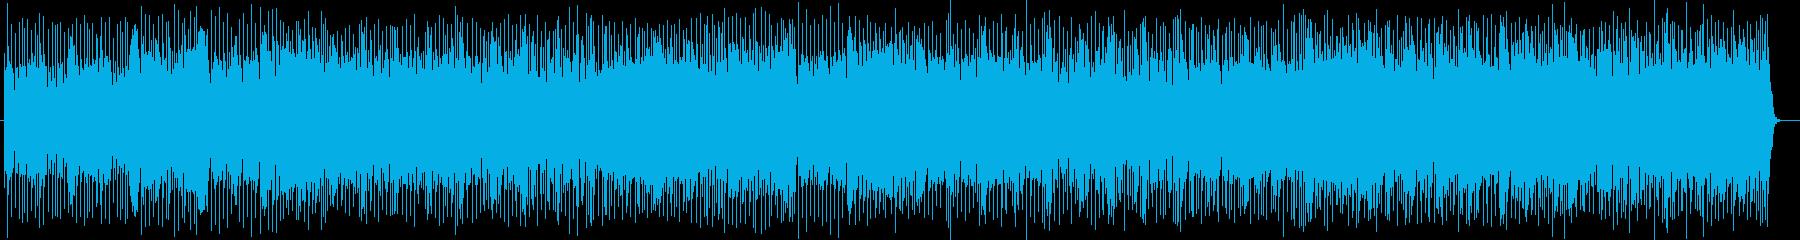 明るい展開のあるシンセサイザーの曲の再生済みの波形